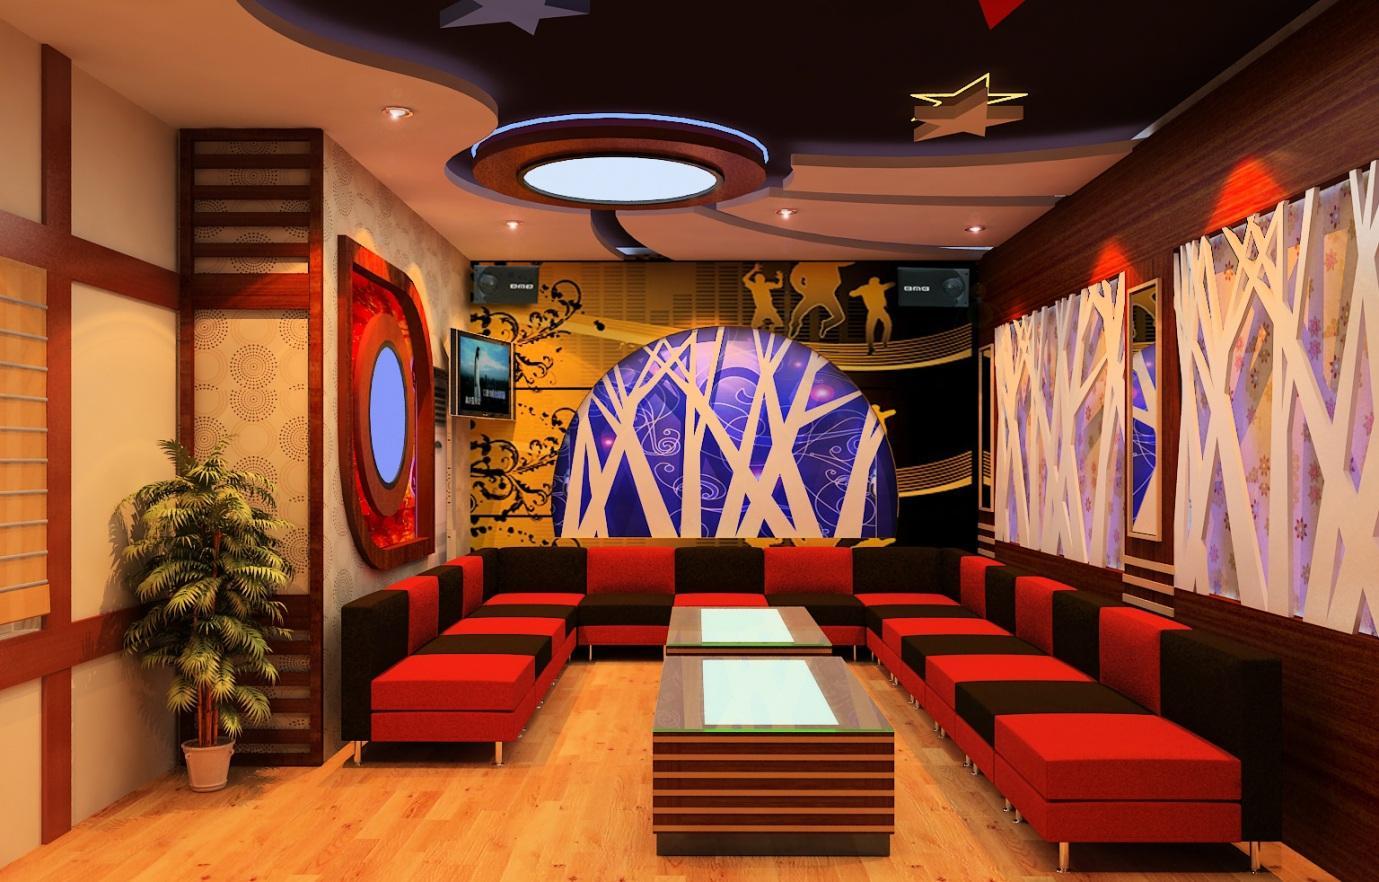 kinh nghiệm lựa chọn bàn ghế phòng karaoke